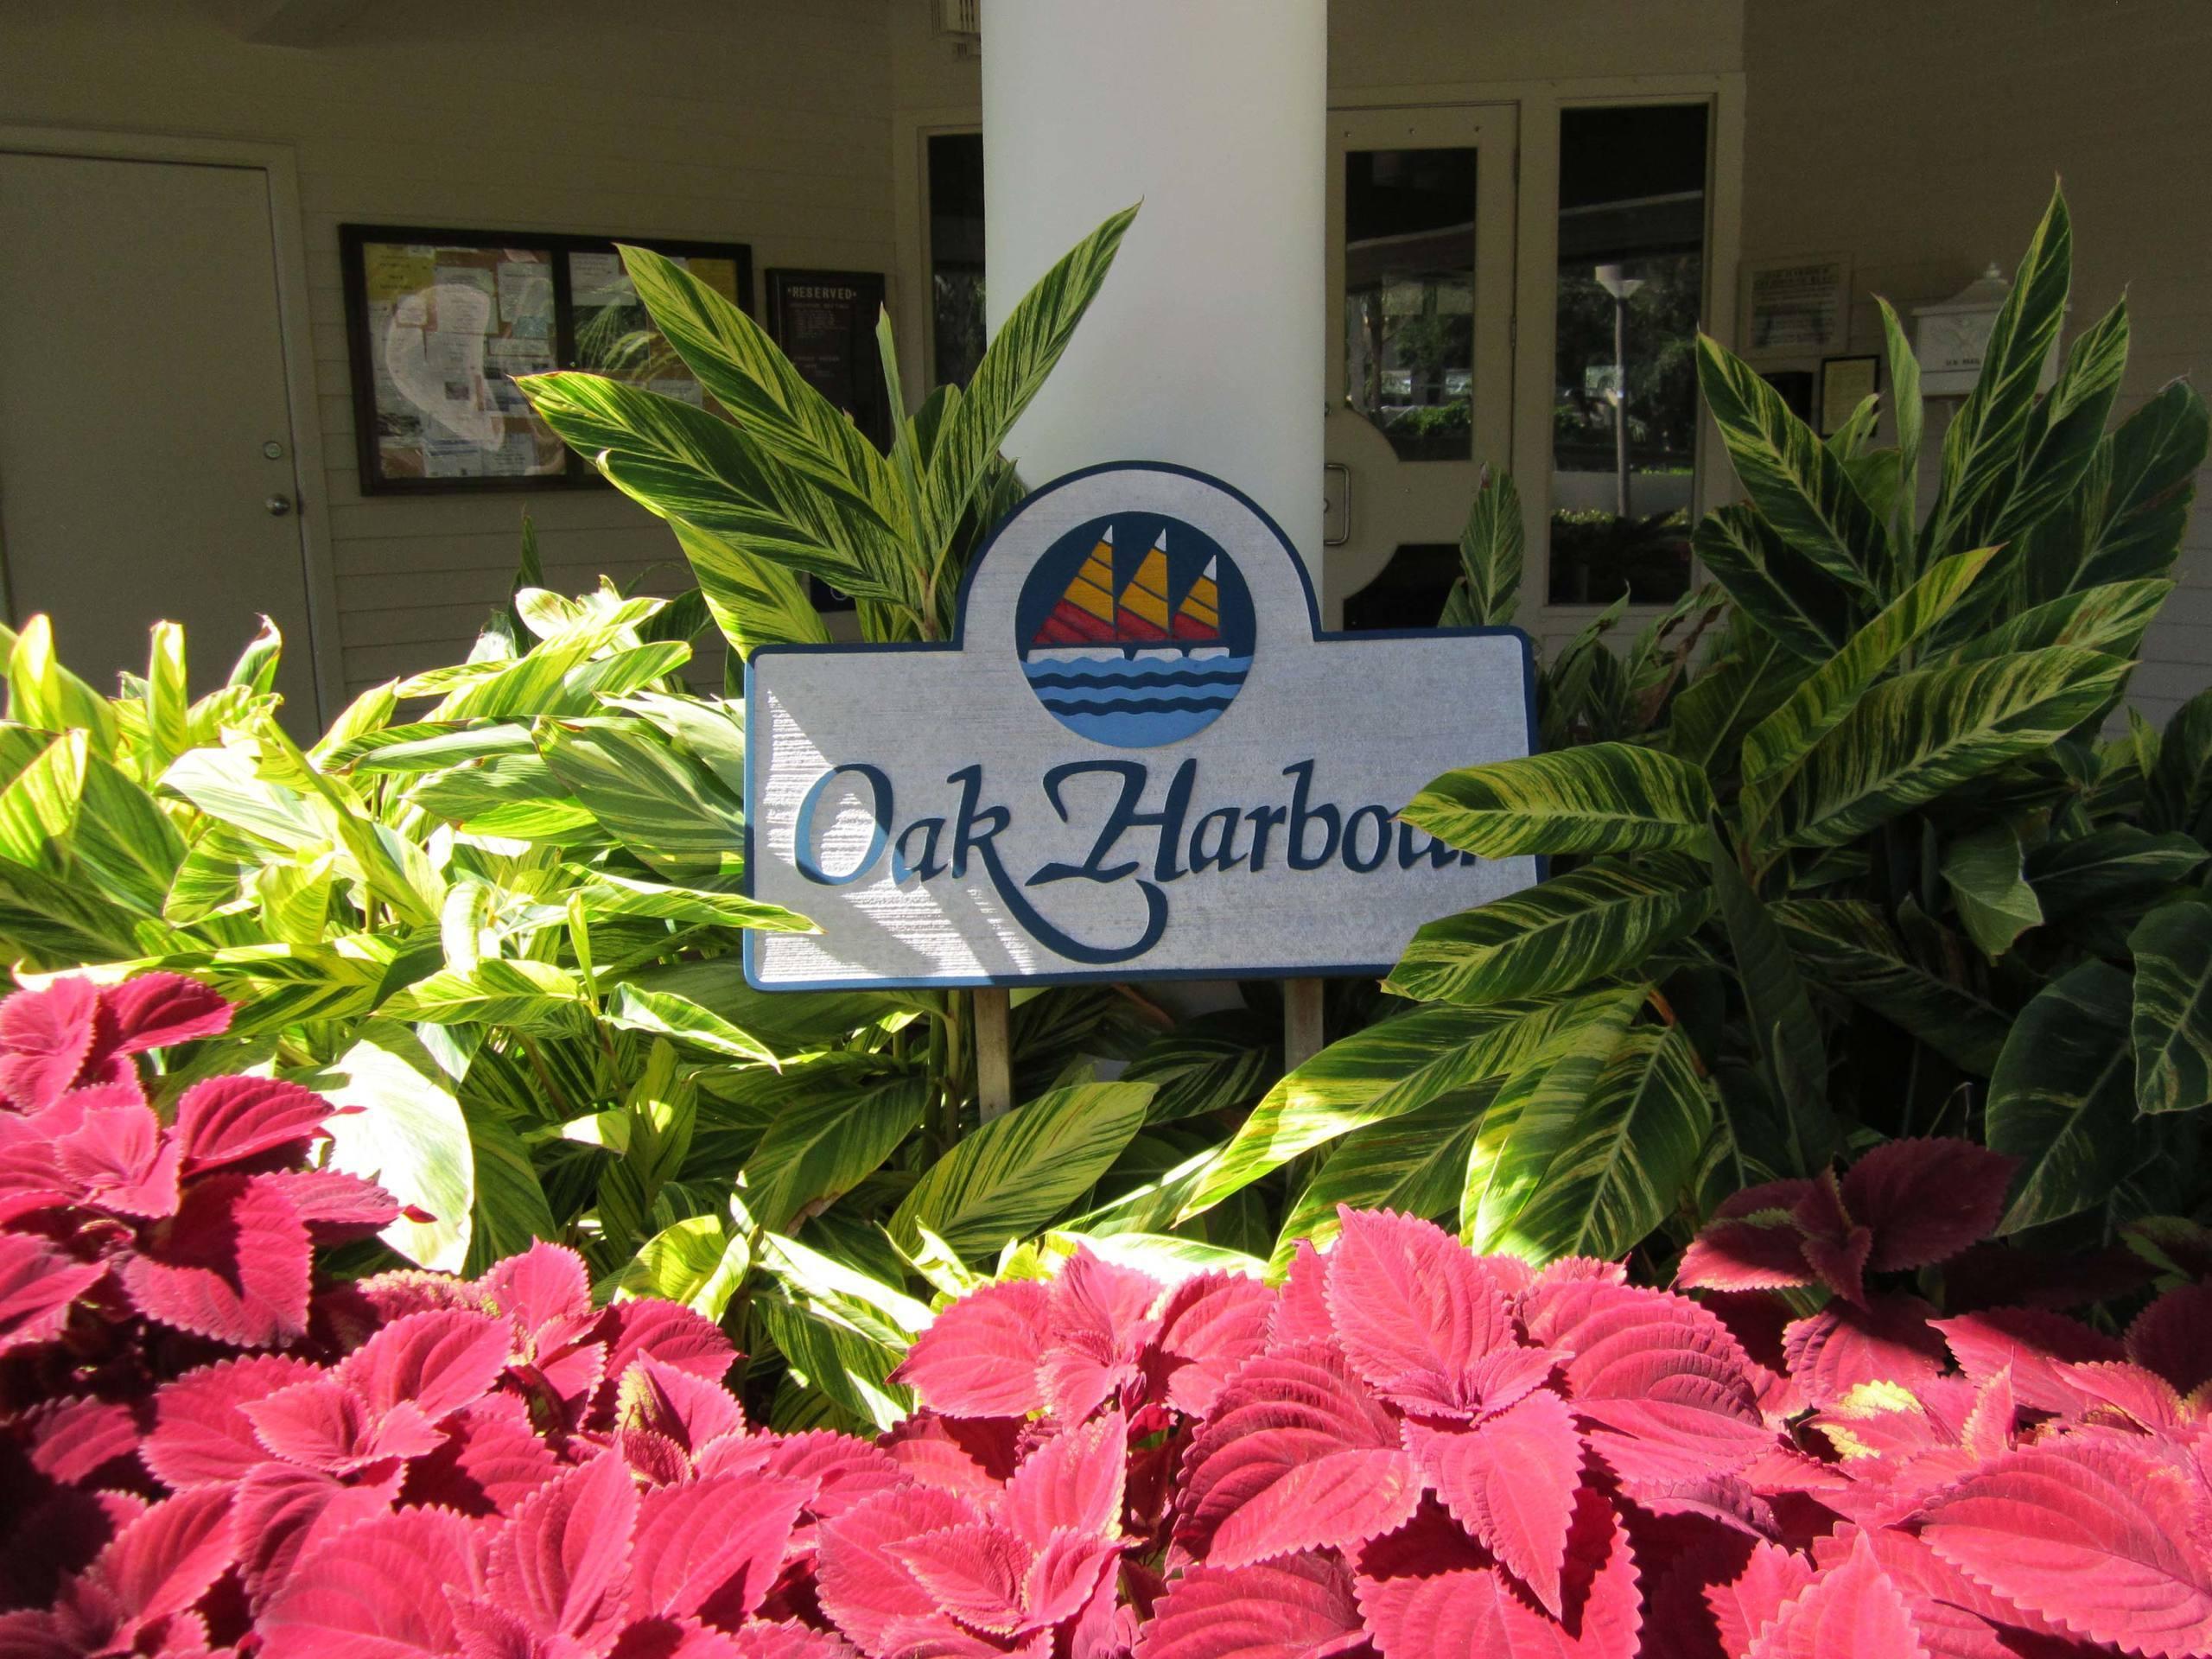 Oak Harbour - WalkerRealEstateGroup.com